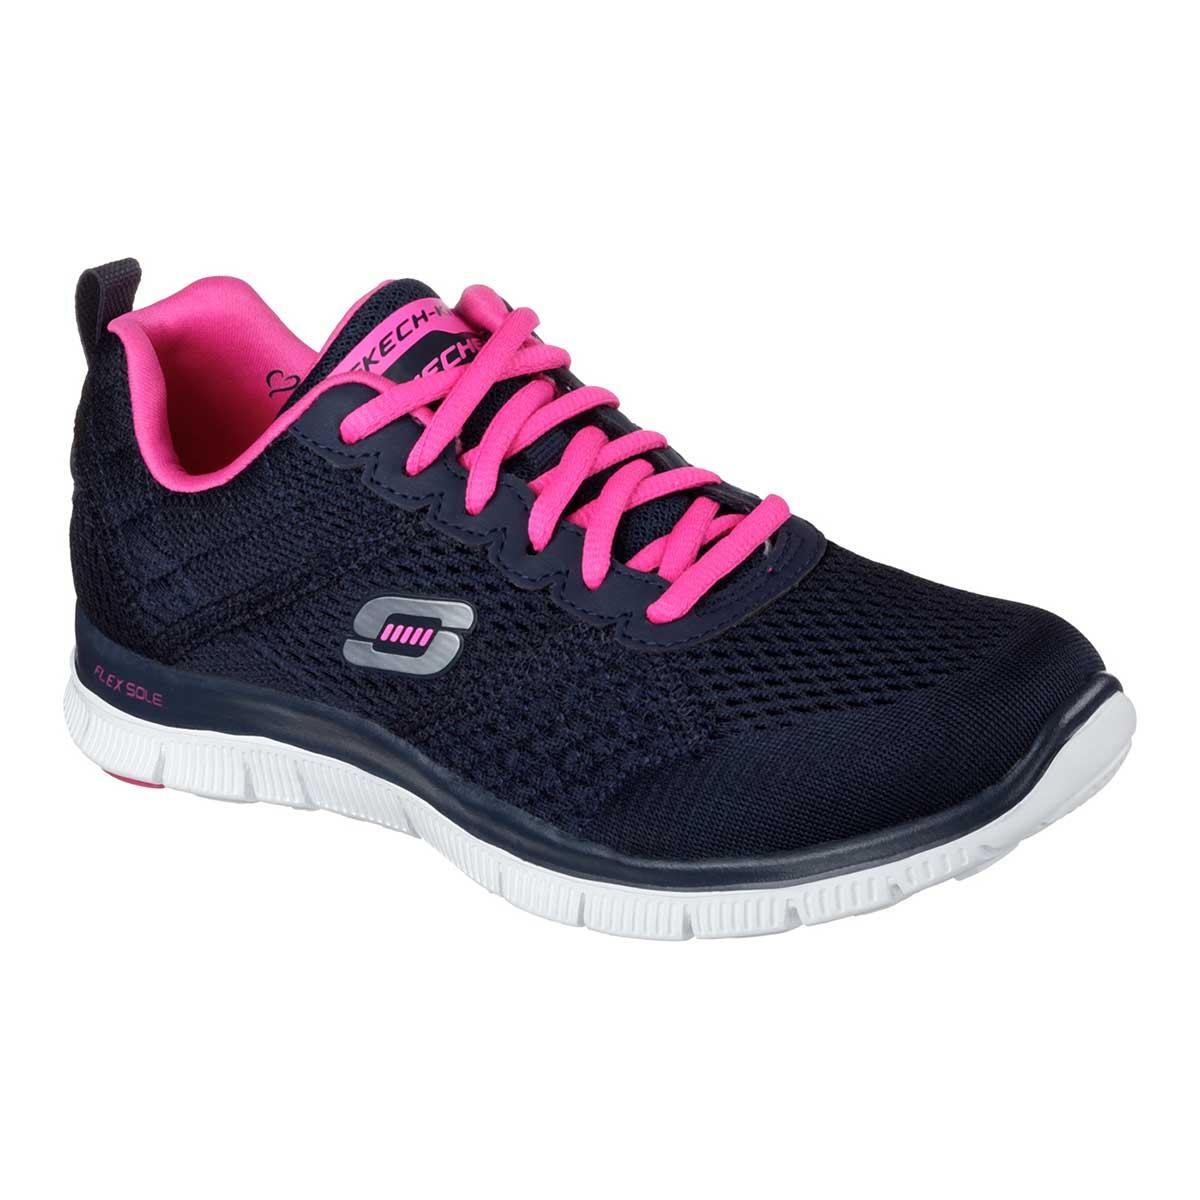 skechers running shoes online